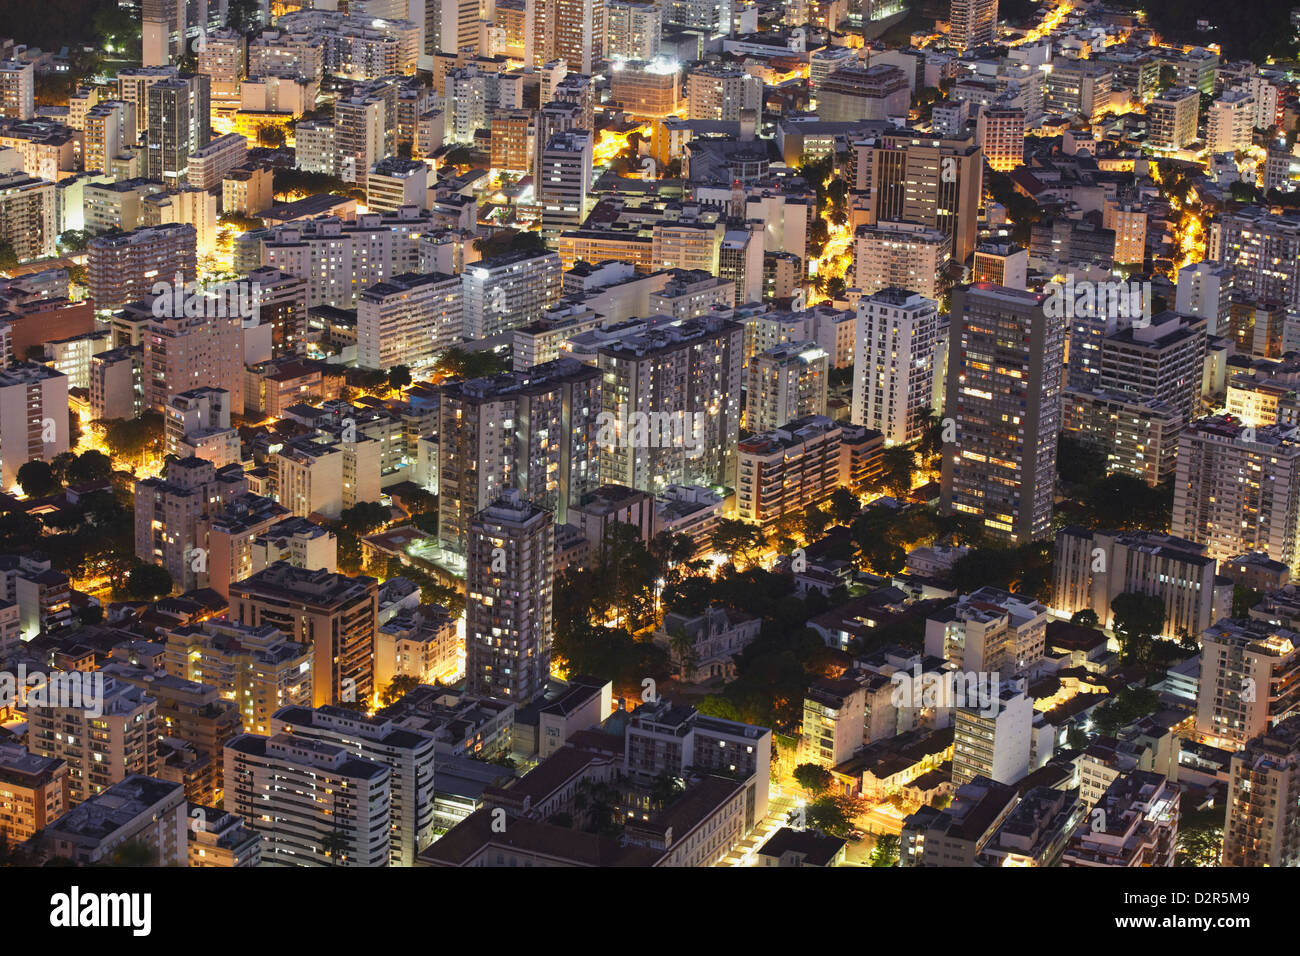 Buildings of Botafogo at night, Rio de Janeiro, Brazil, South America - Stock Image